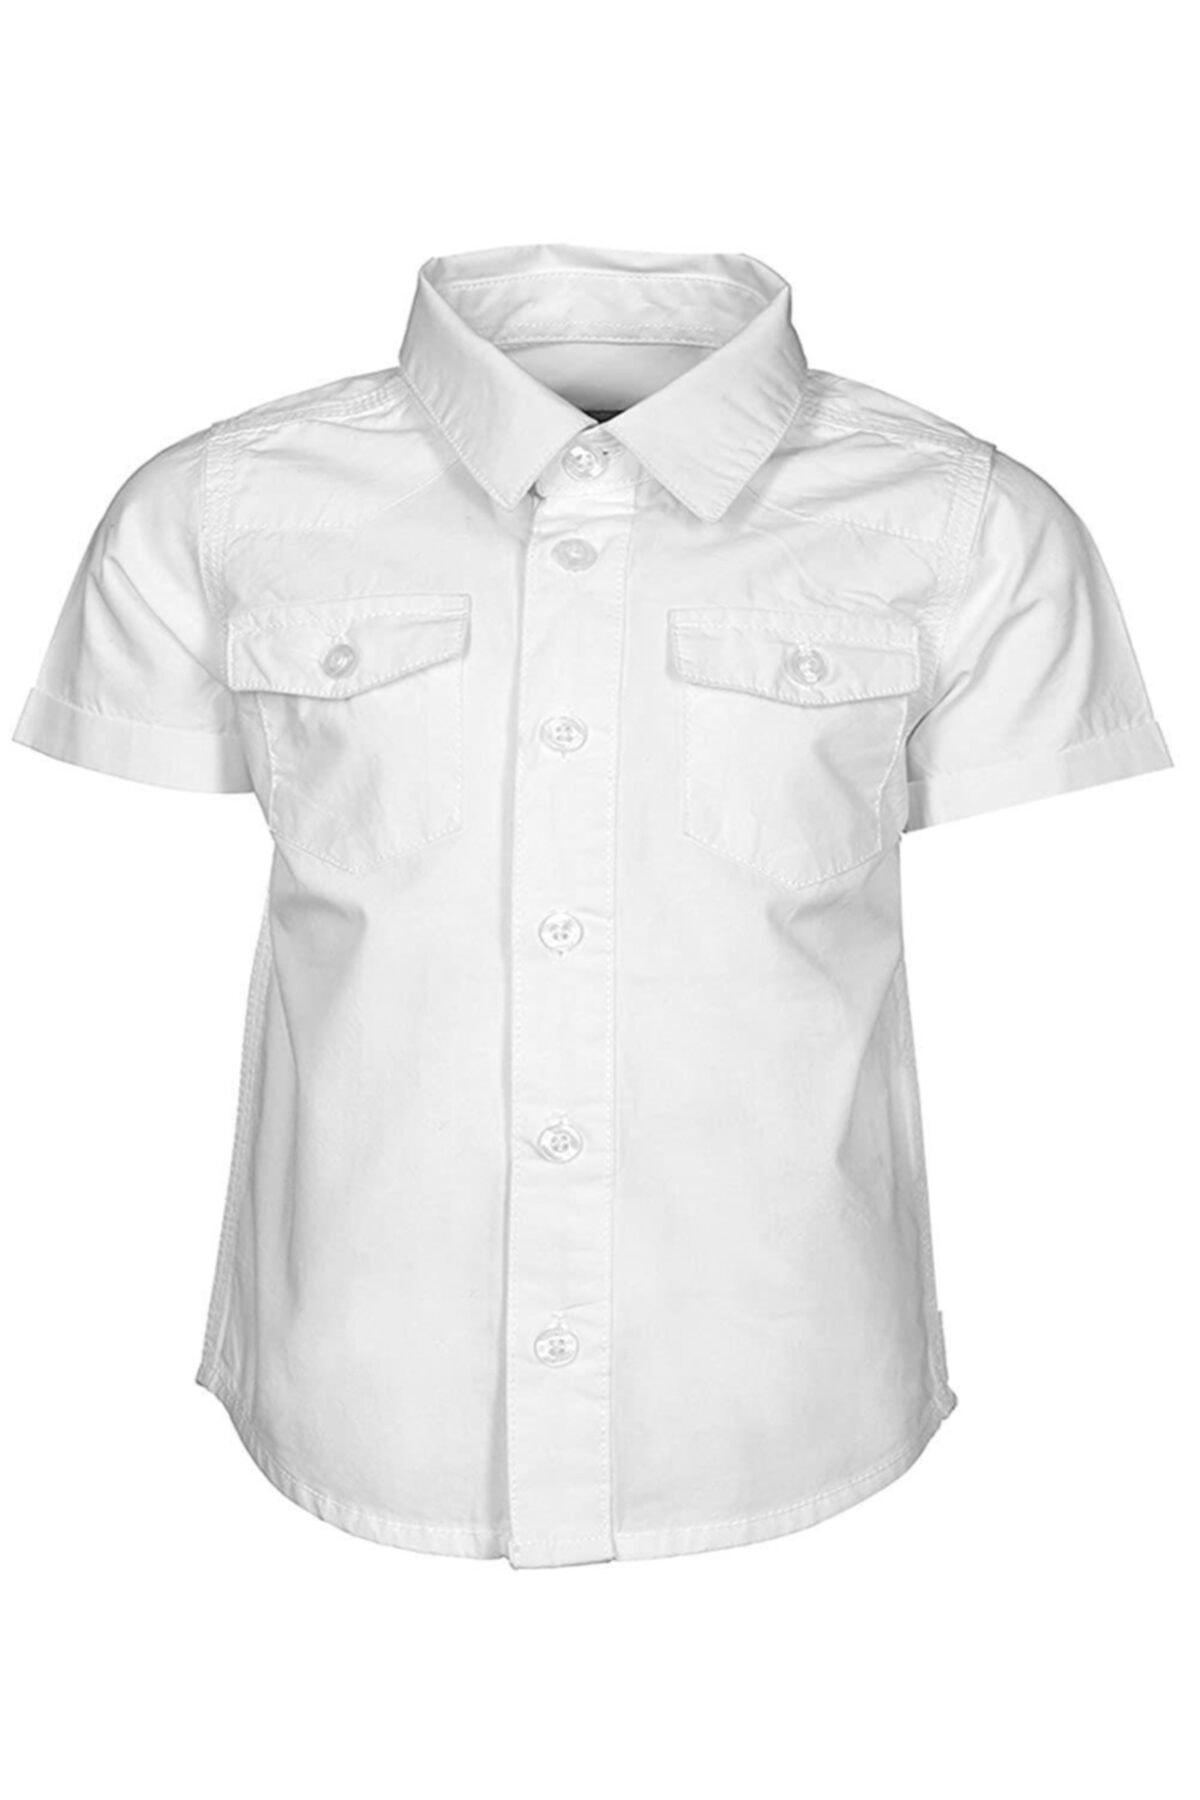 Kanz Gömlek Erkek Çocuk Beyaz 1